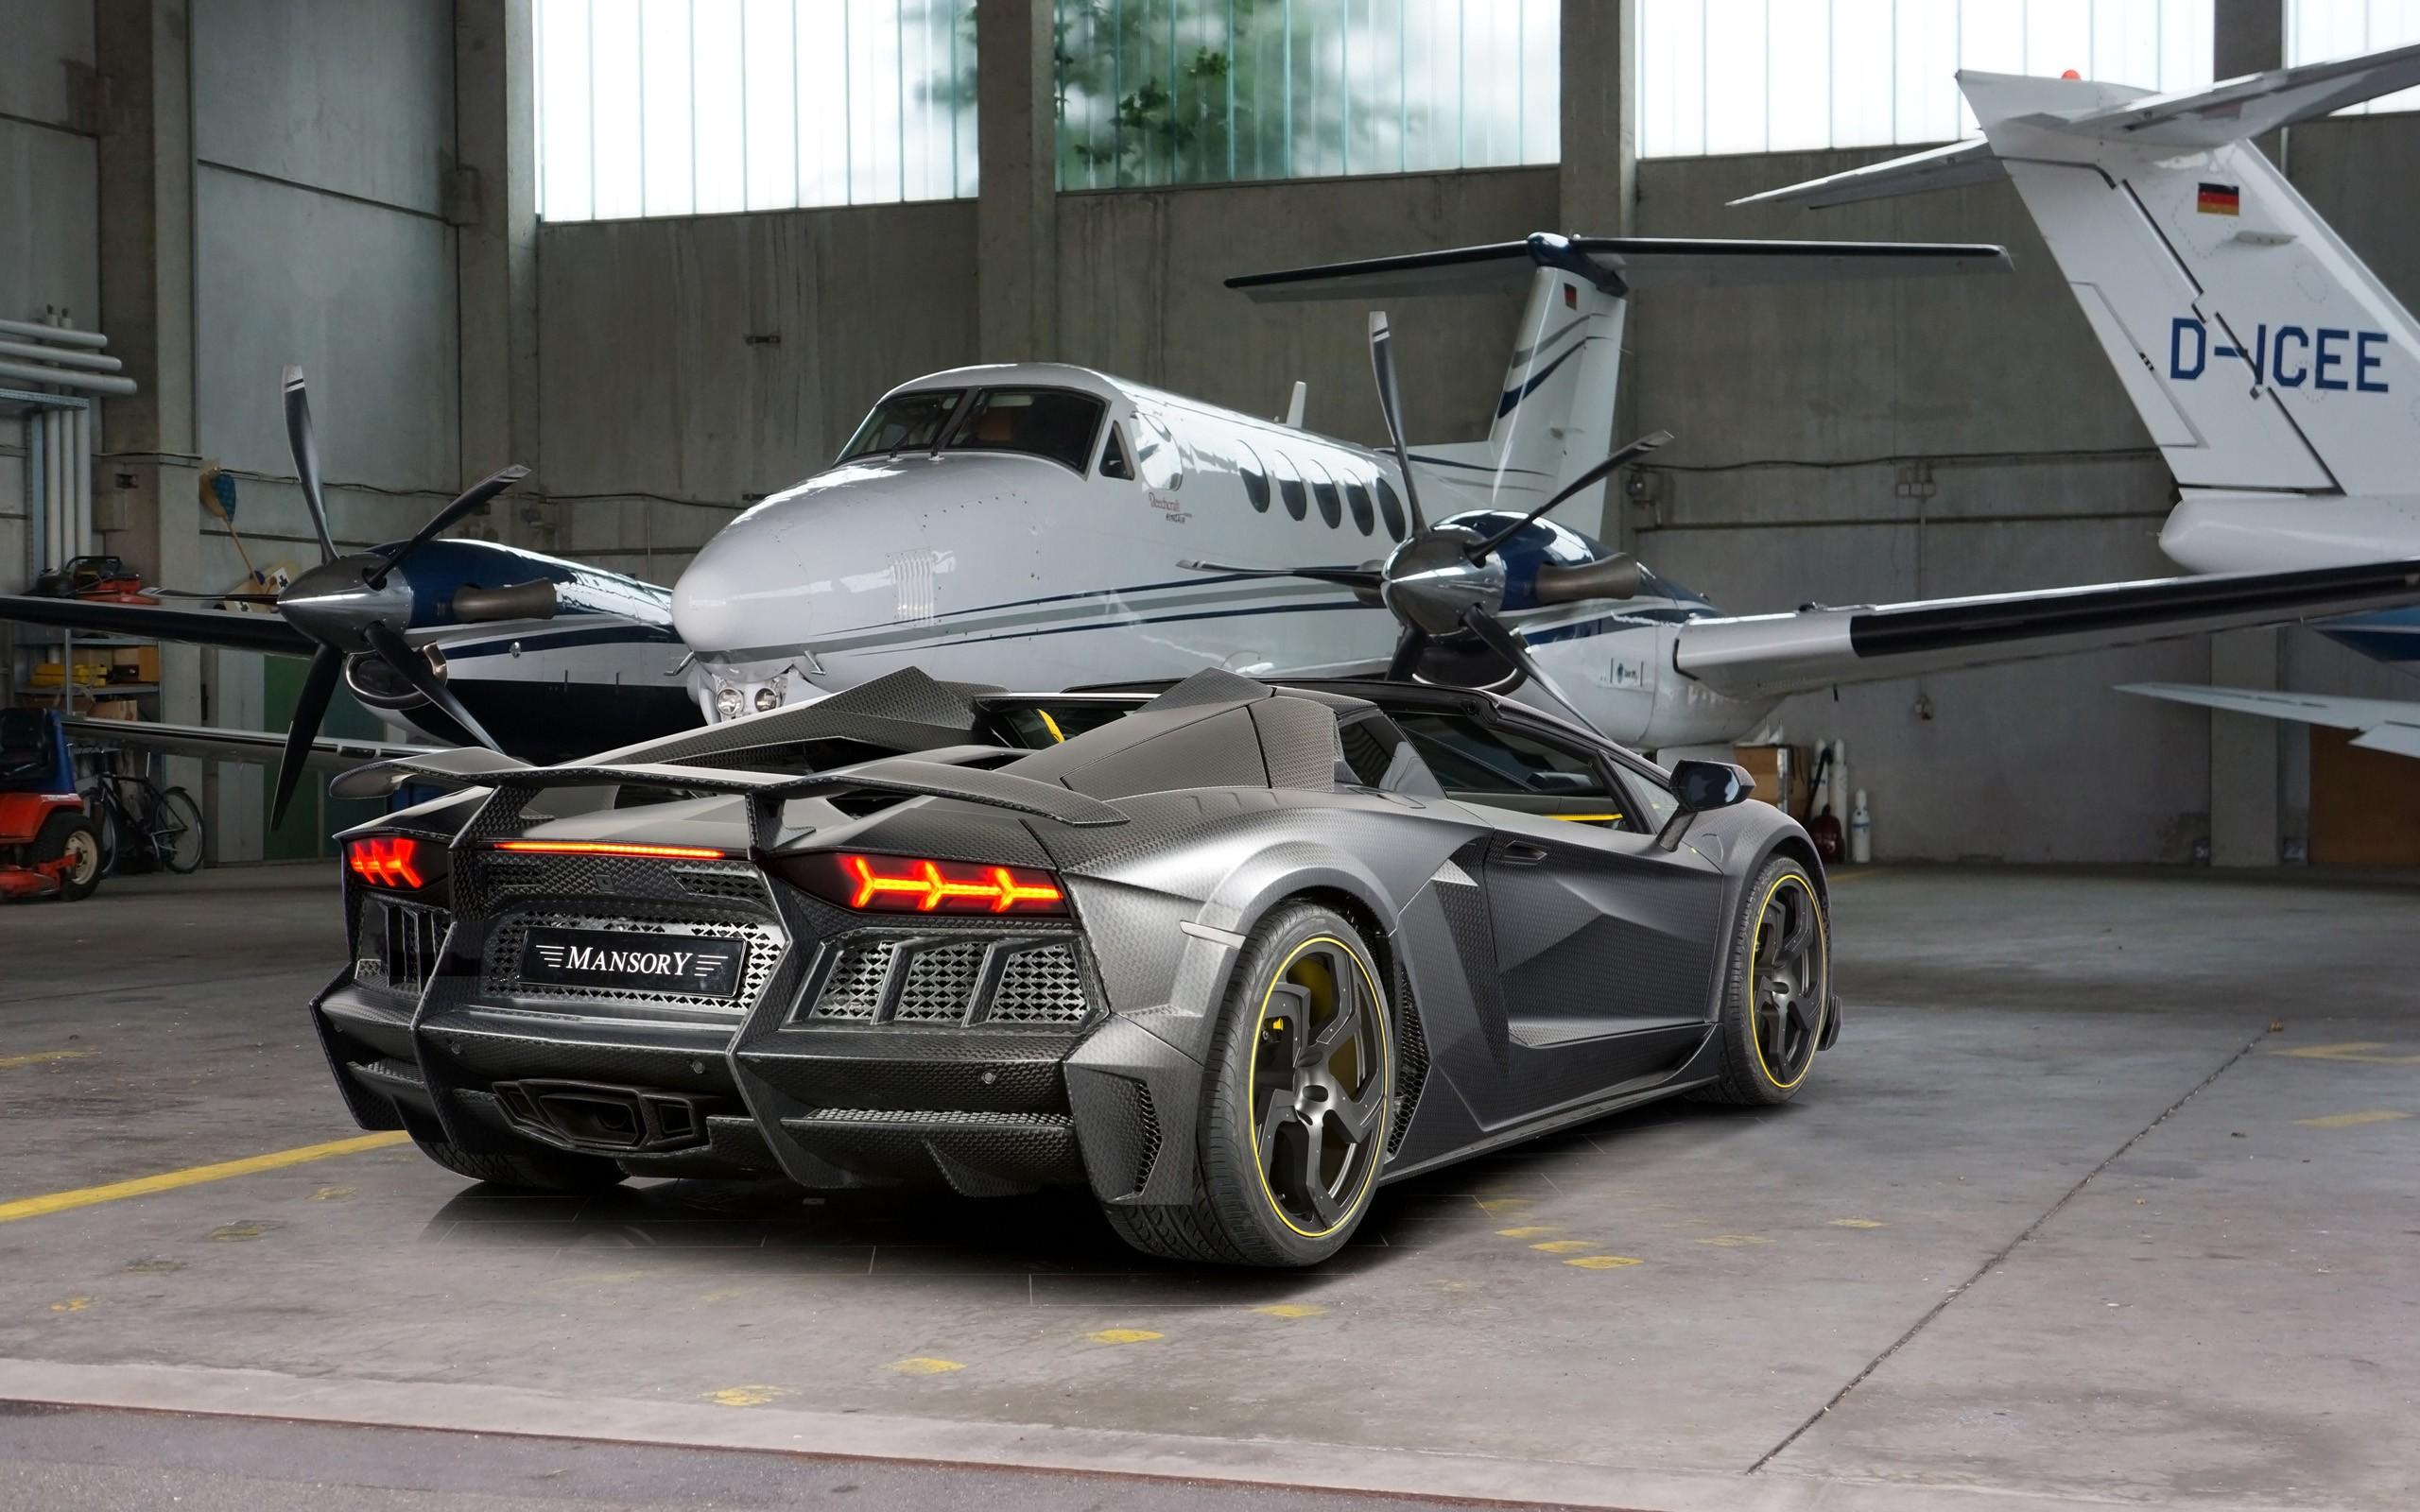 Cars Wallpapers: 2014 Mansory Lamborghini Aventador Carbonado Roadster 2